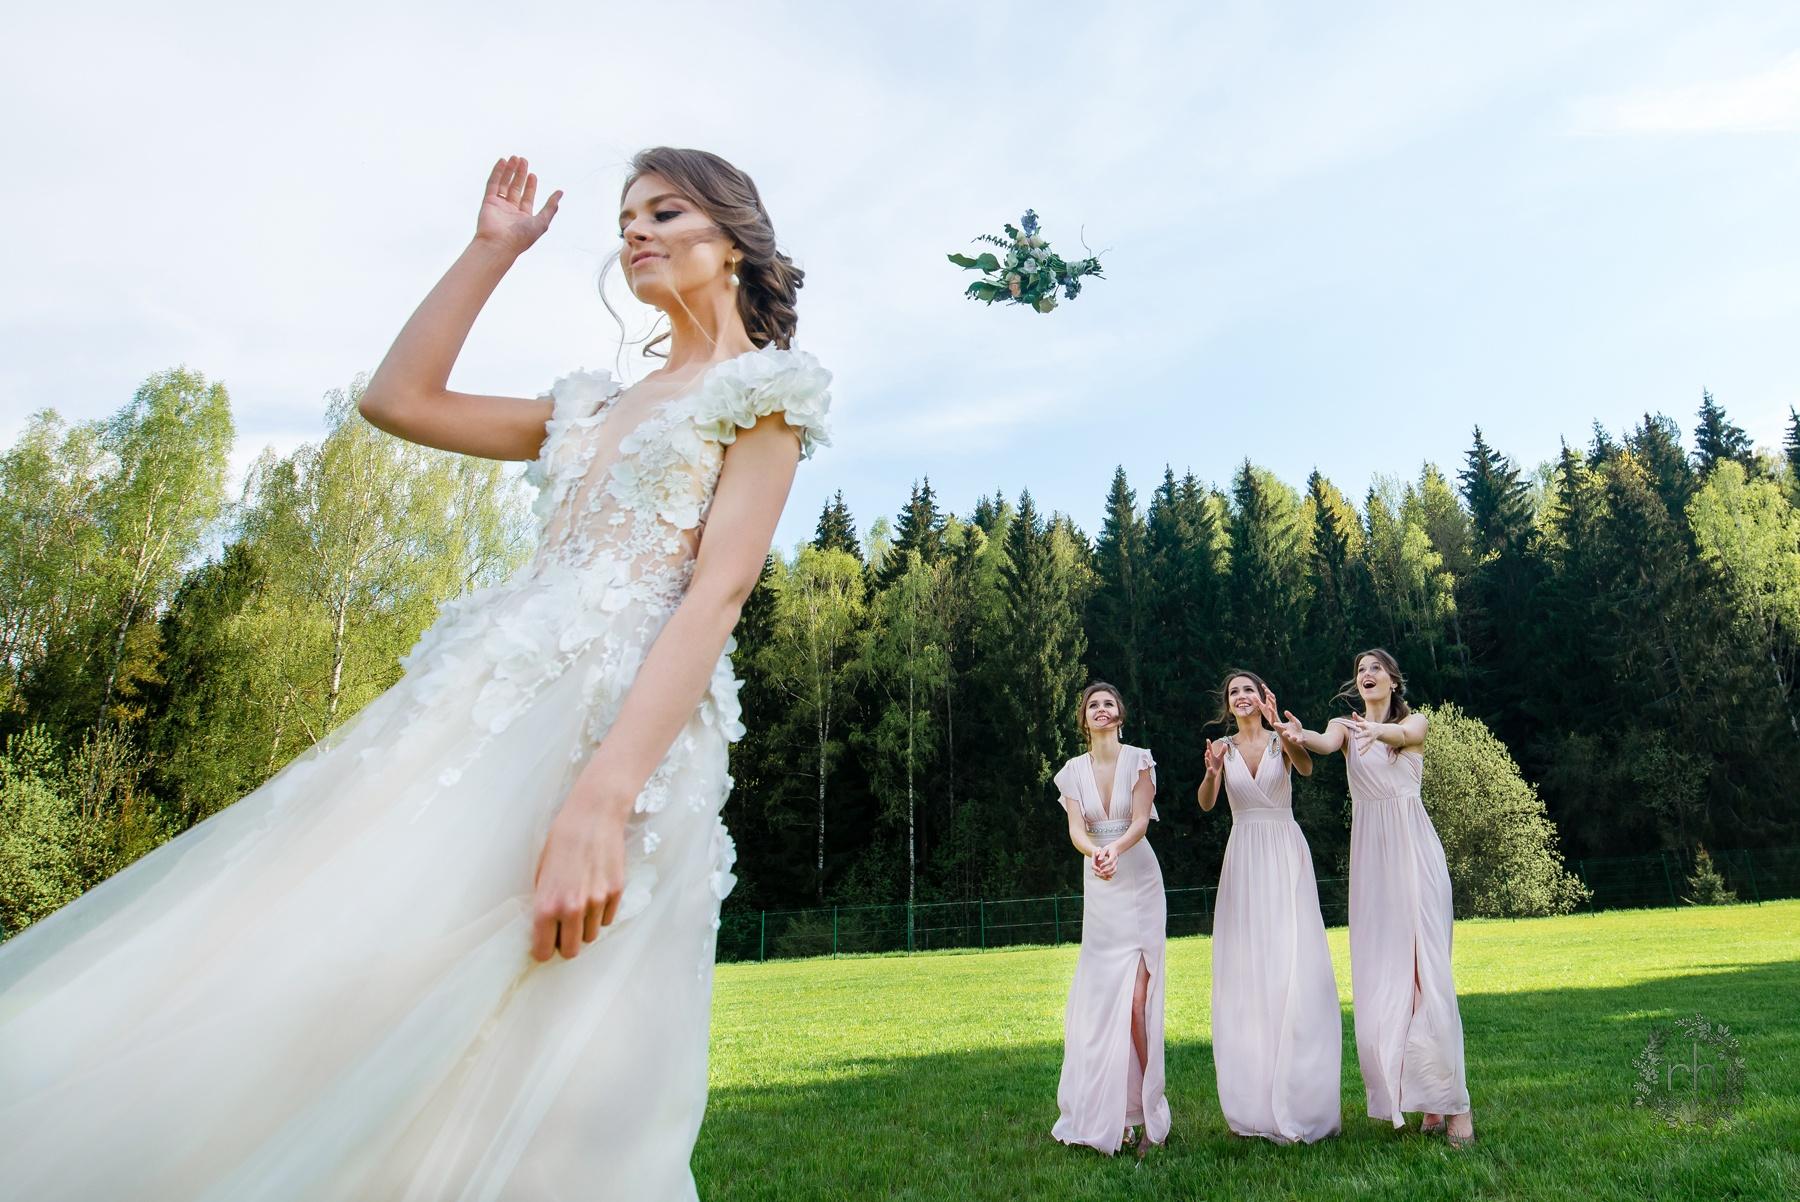 этом невеста бросает букет фото пляже имеется множество